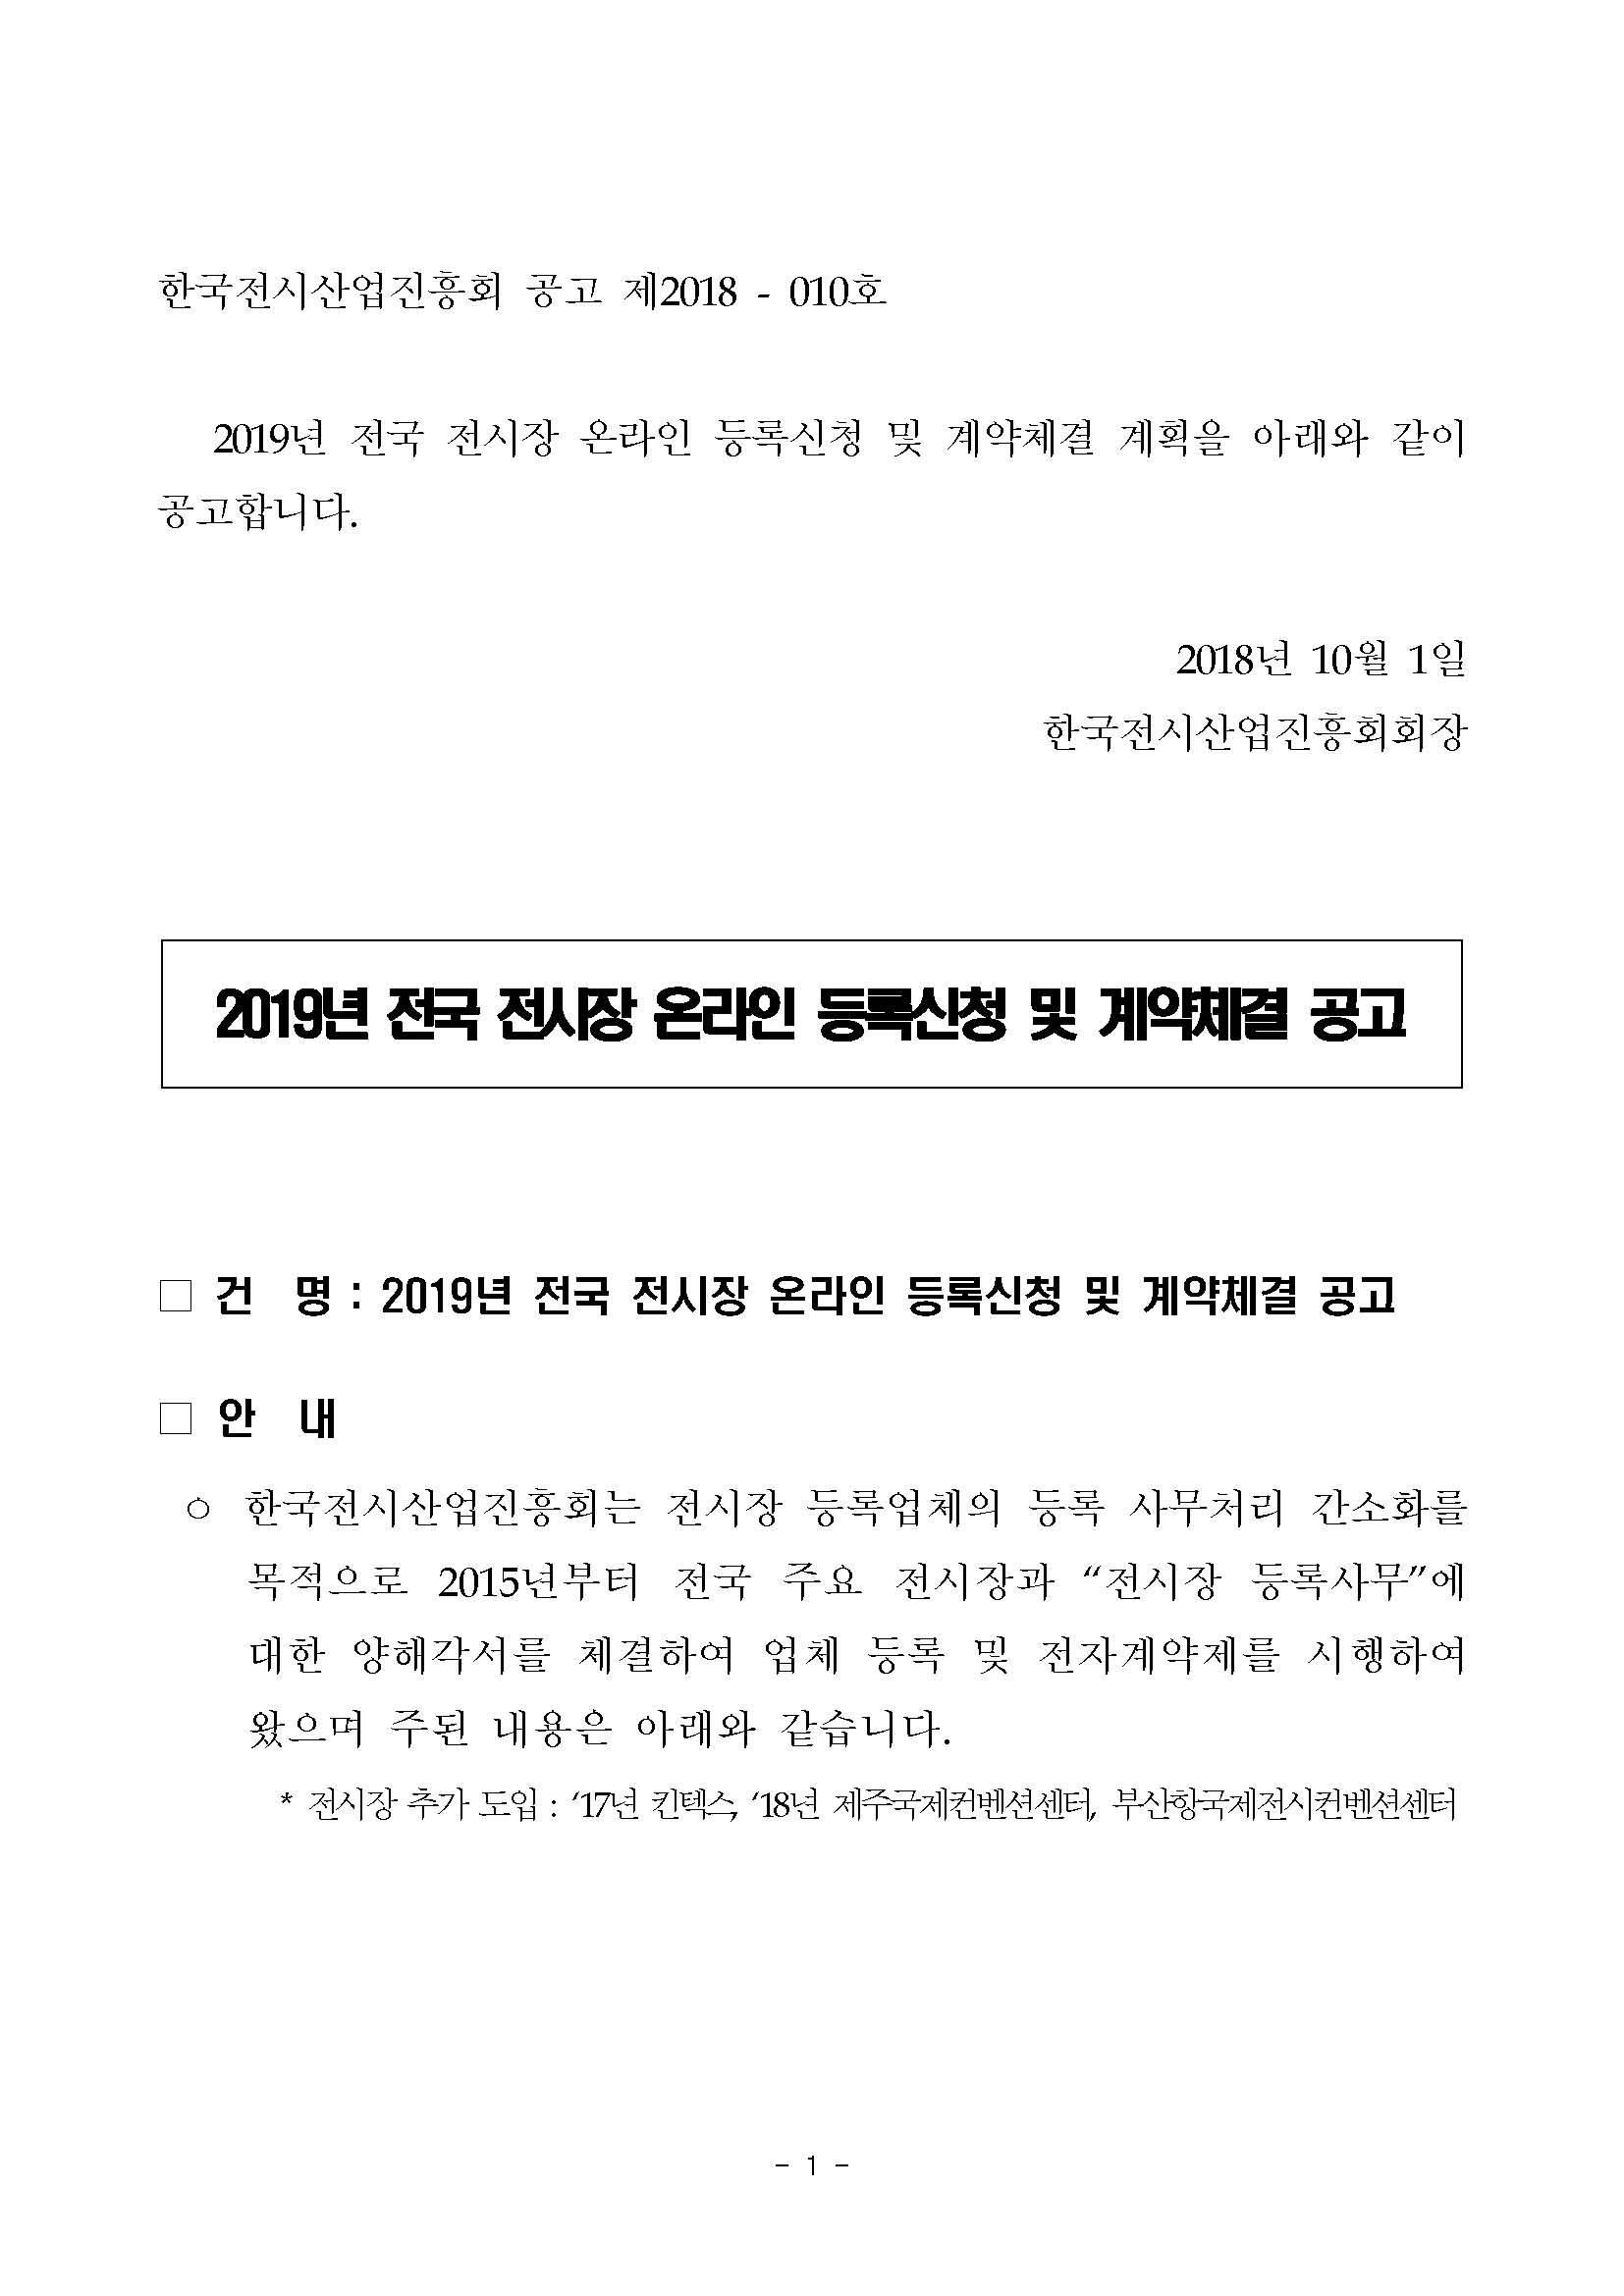 2019년 전국 전시장 온라인 등록신청 및 계약체결 공고문_페이지_01.jpg